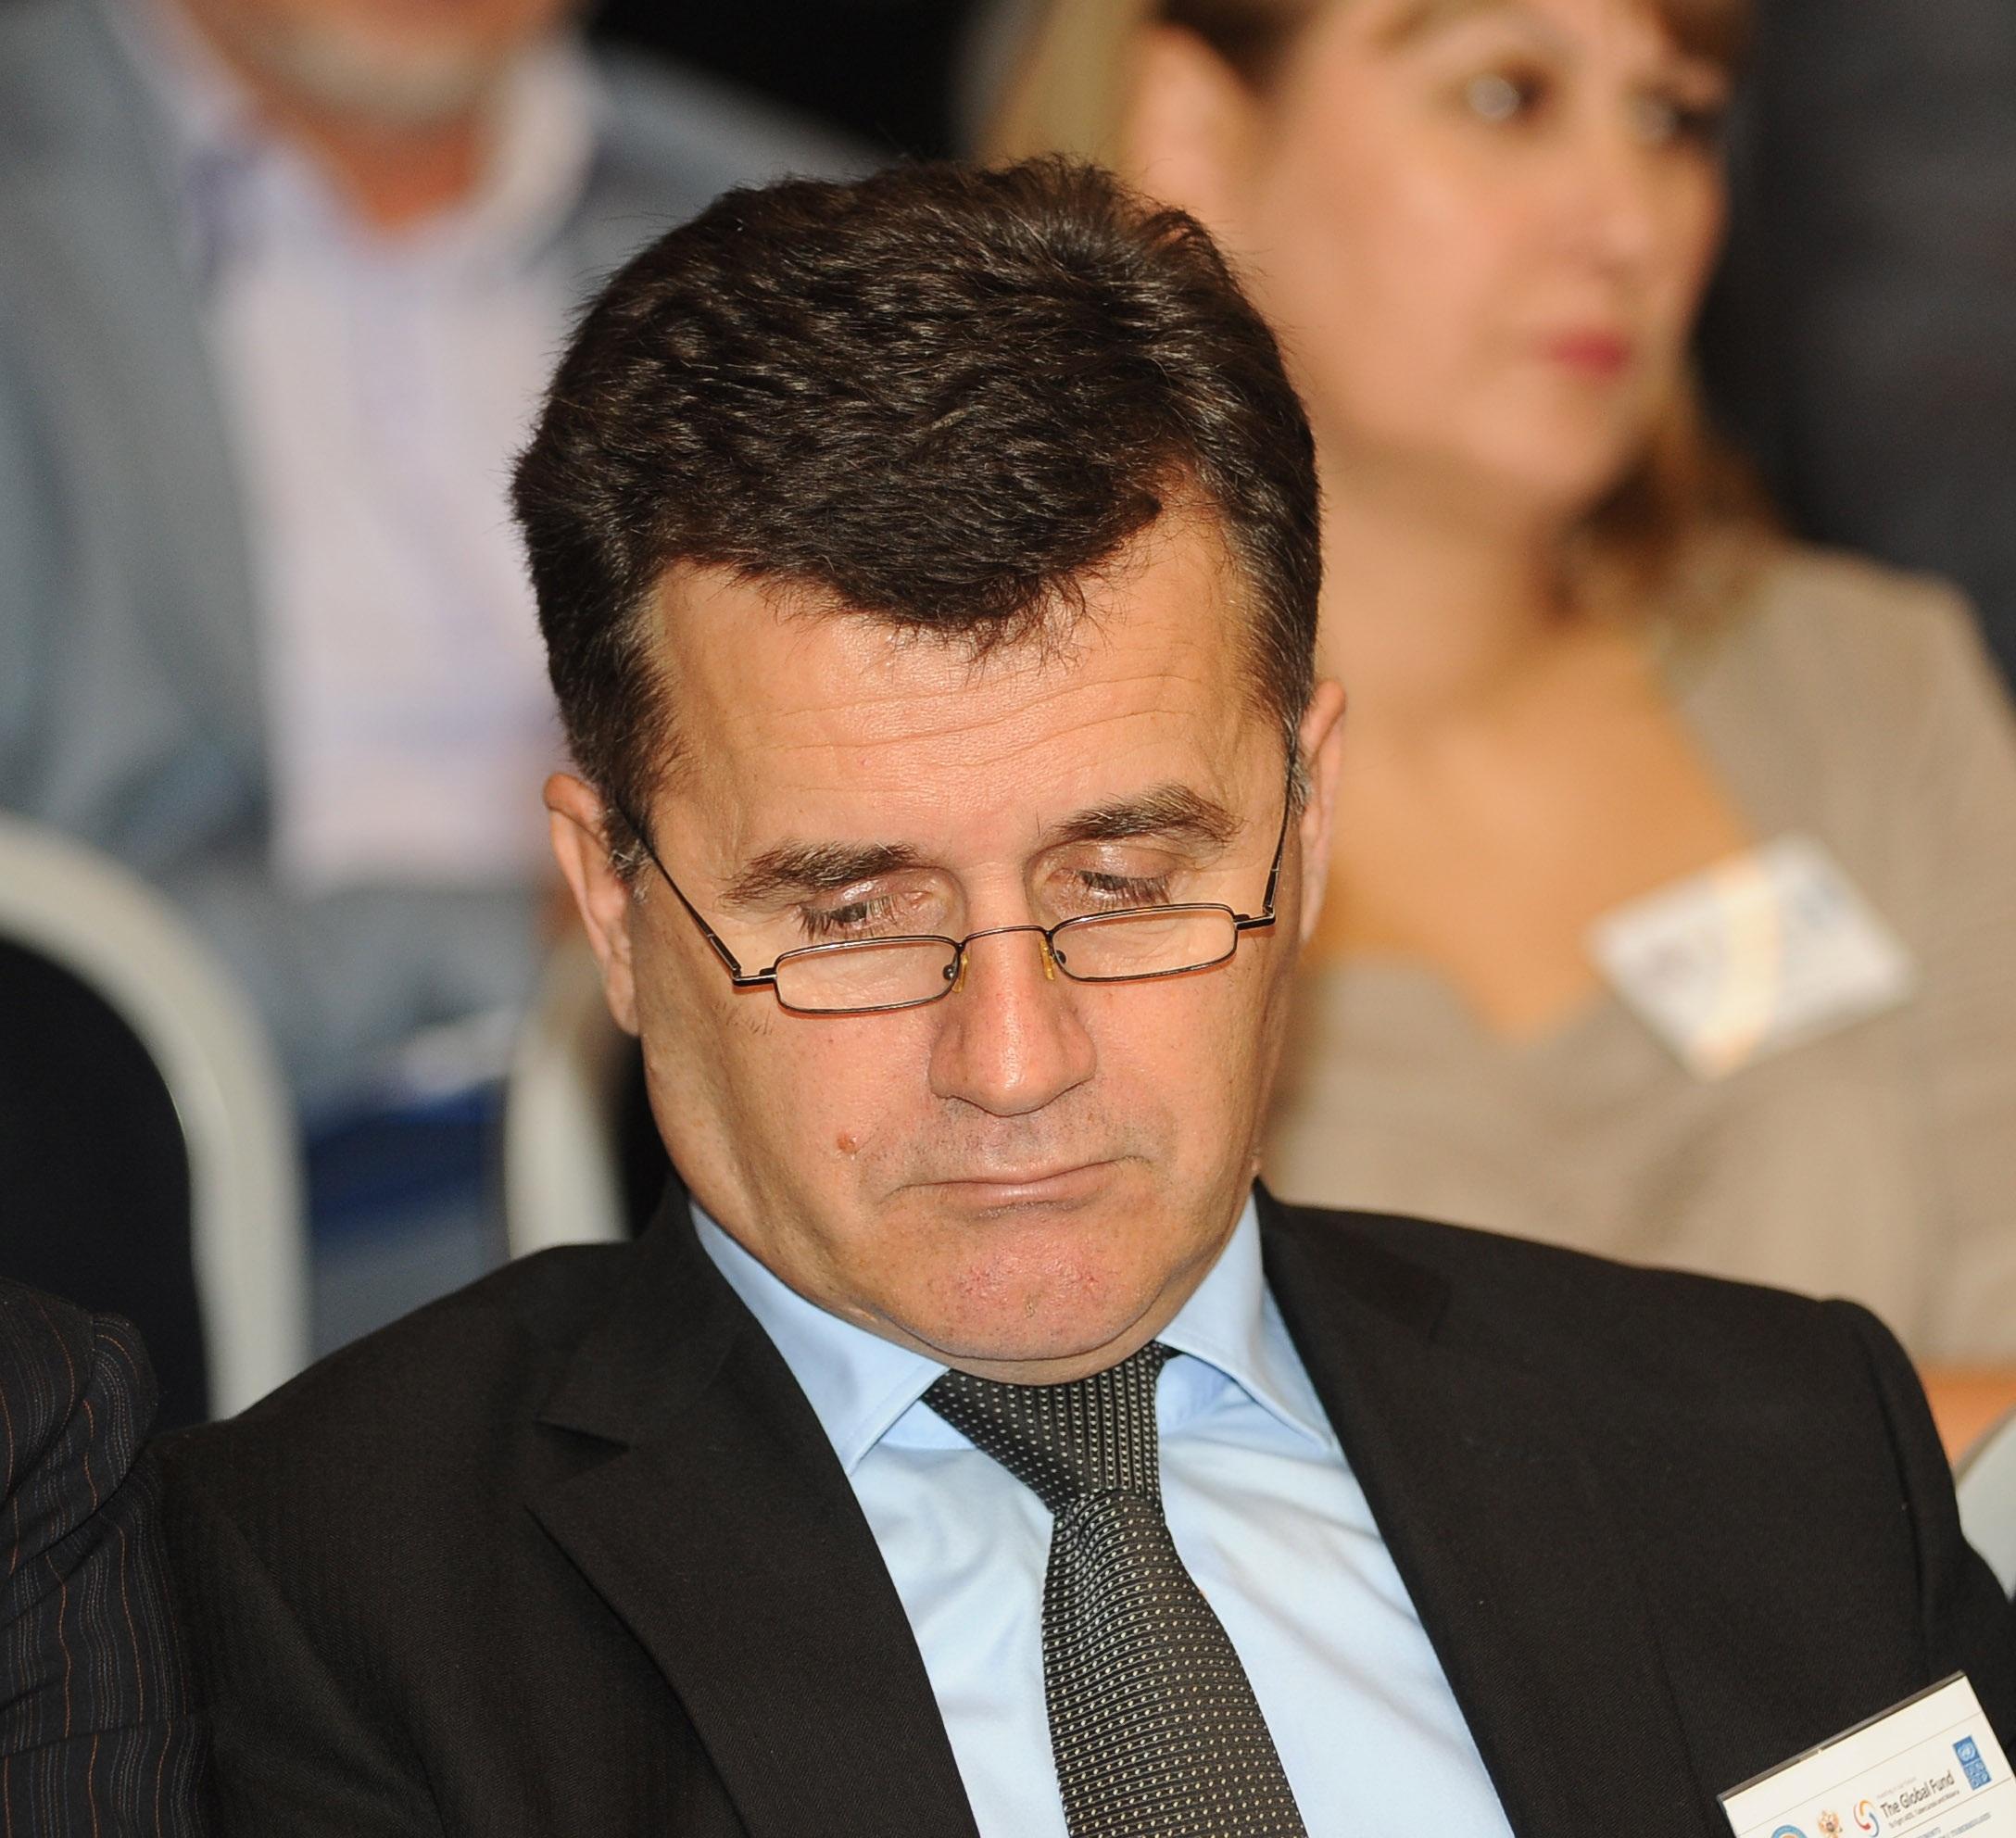 MOGUĆI KONFLIKT INTERESA: Stanišiću posao od 300.000 eura od bivše firme